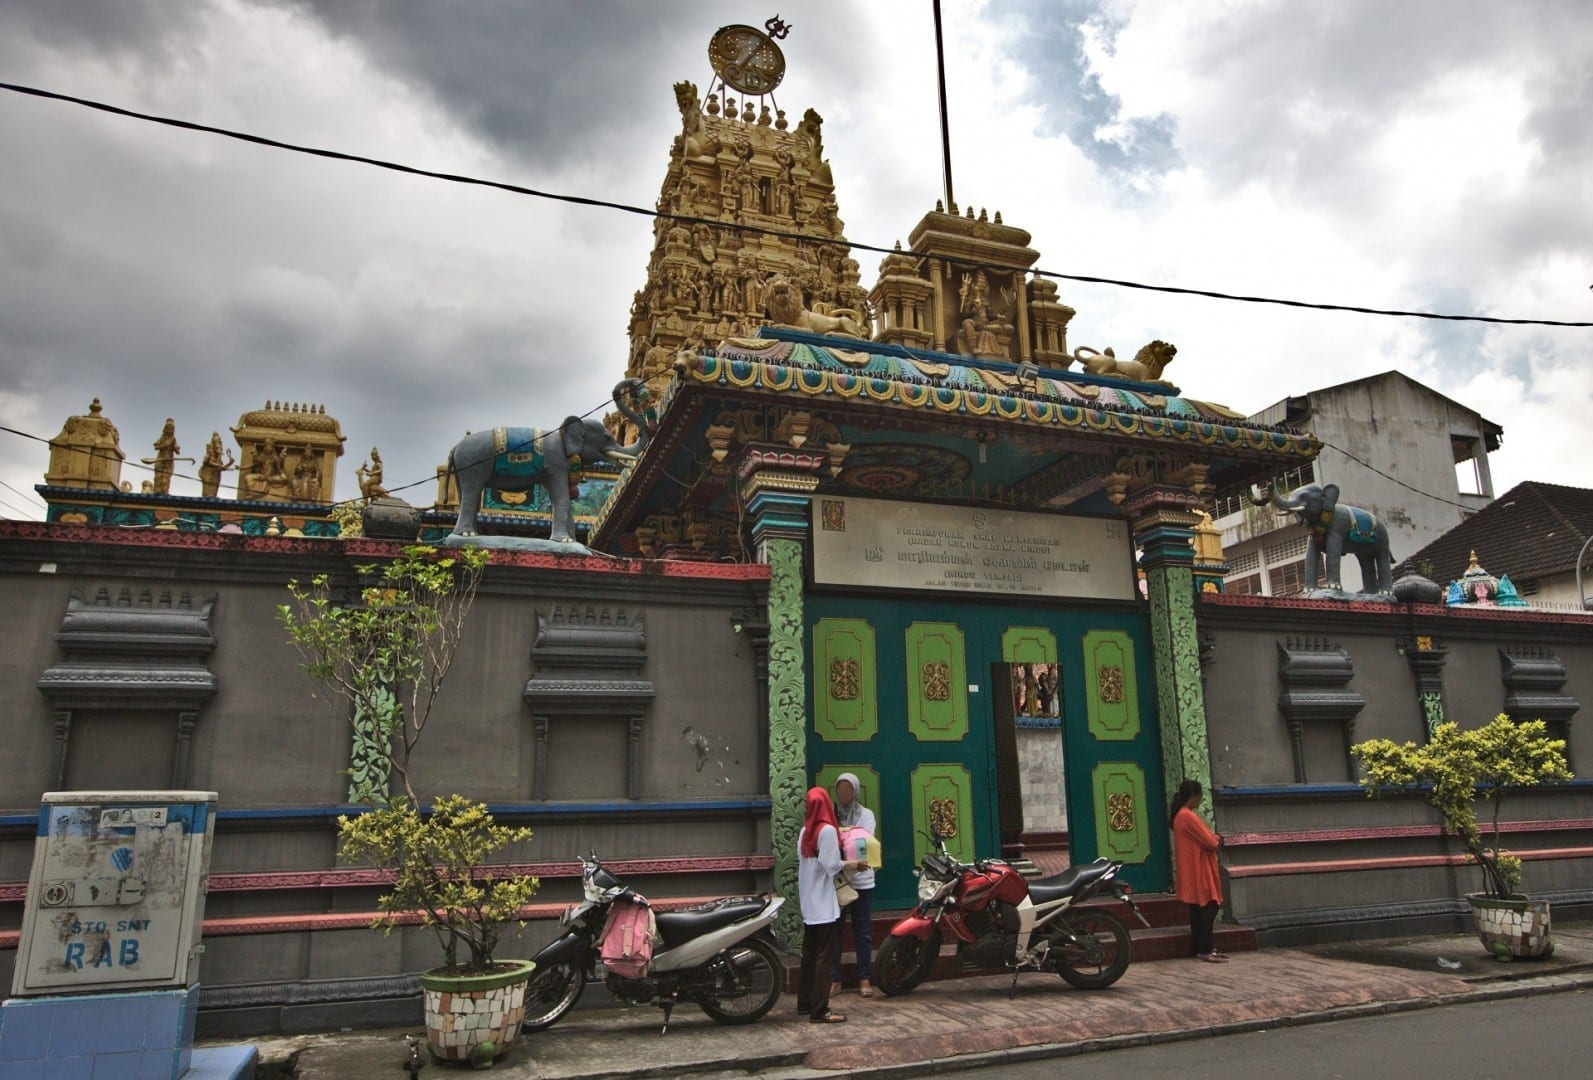 Vista de la calle de Perhimpunan Shri Mariamman, un templo hindú tamil. Medan Indonesia